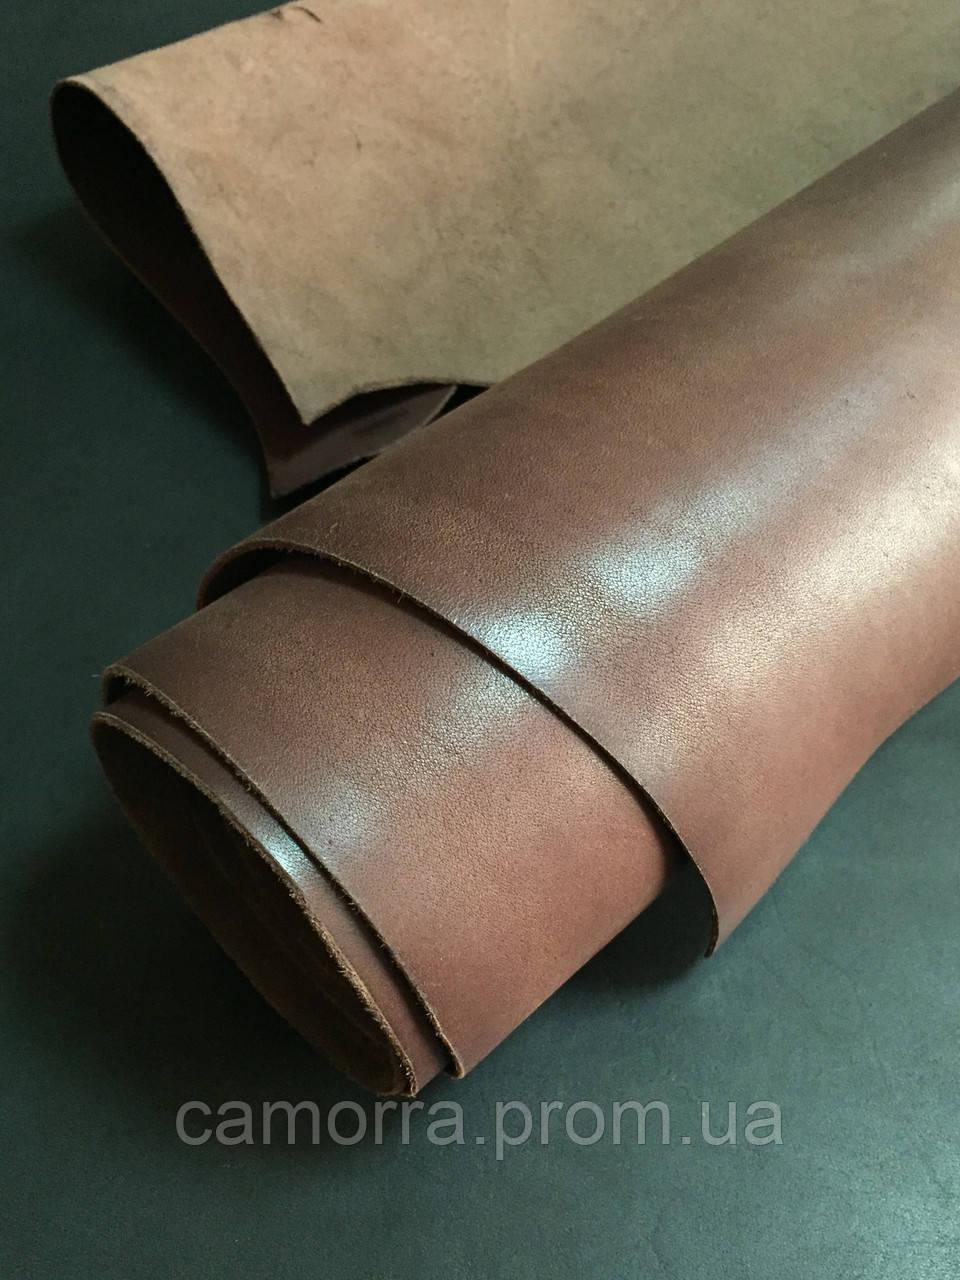 Краст Наполи светло коричневый